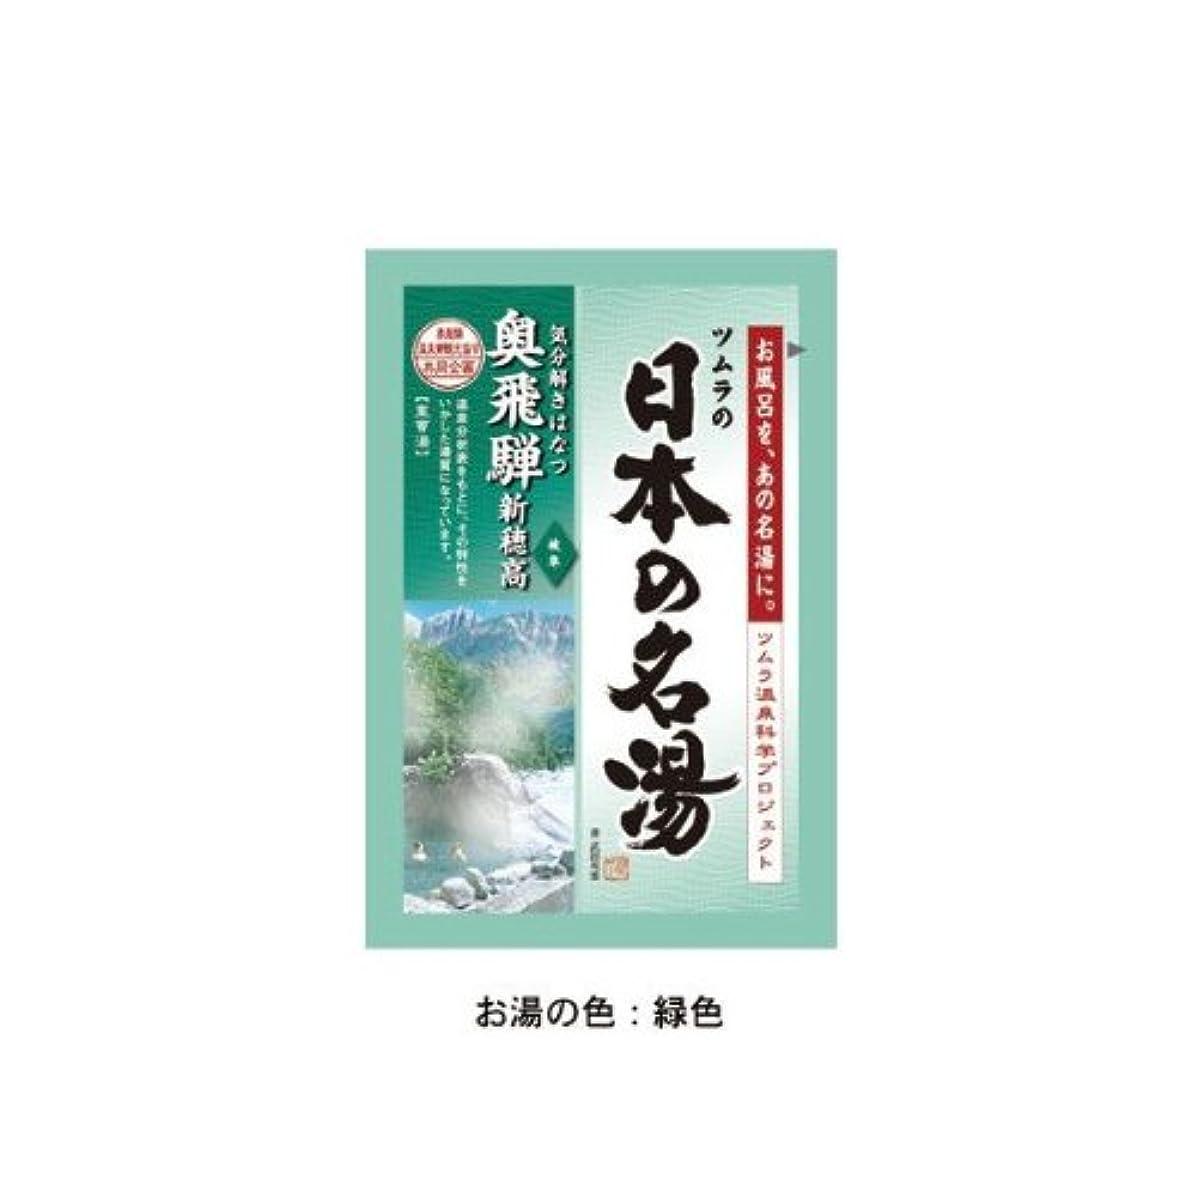 支配的勢い行くツムラの日本の名湯 奥飛騨新穂高